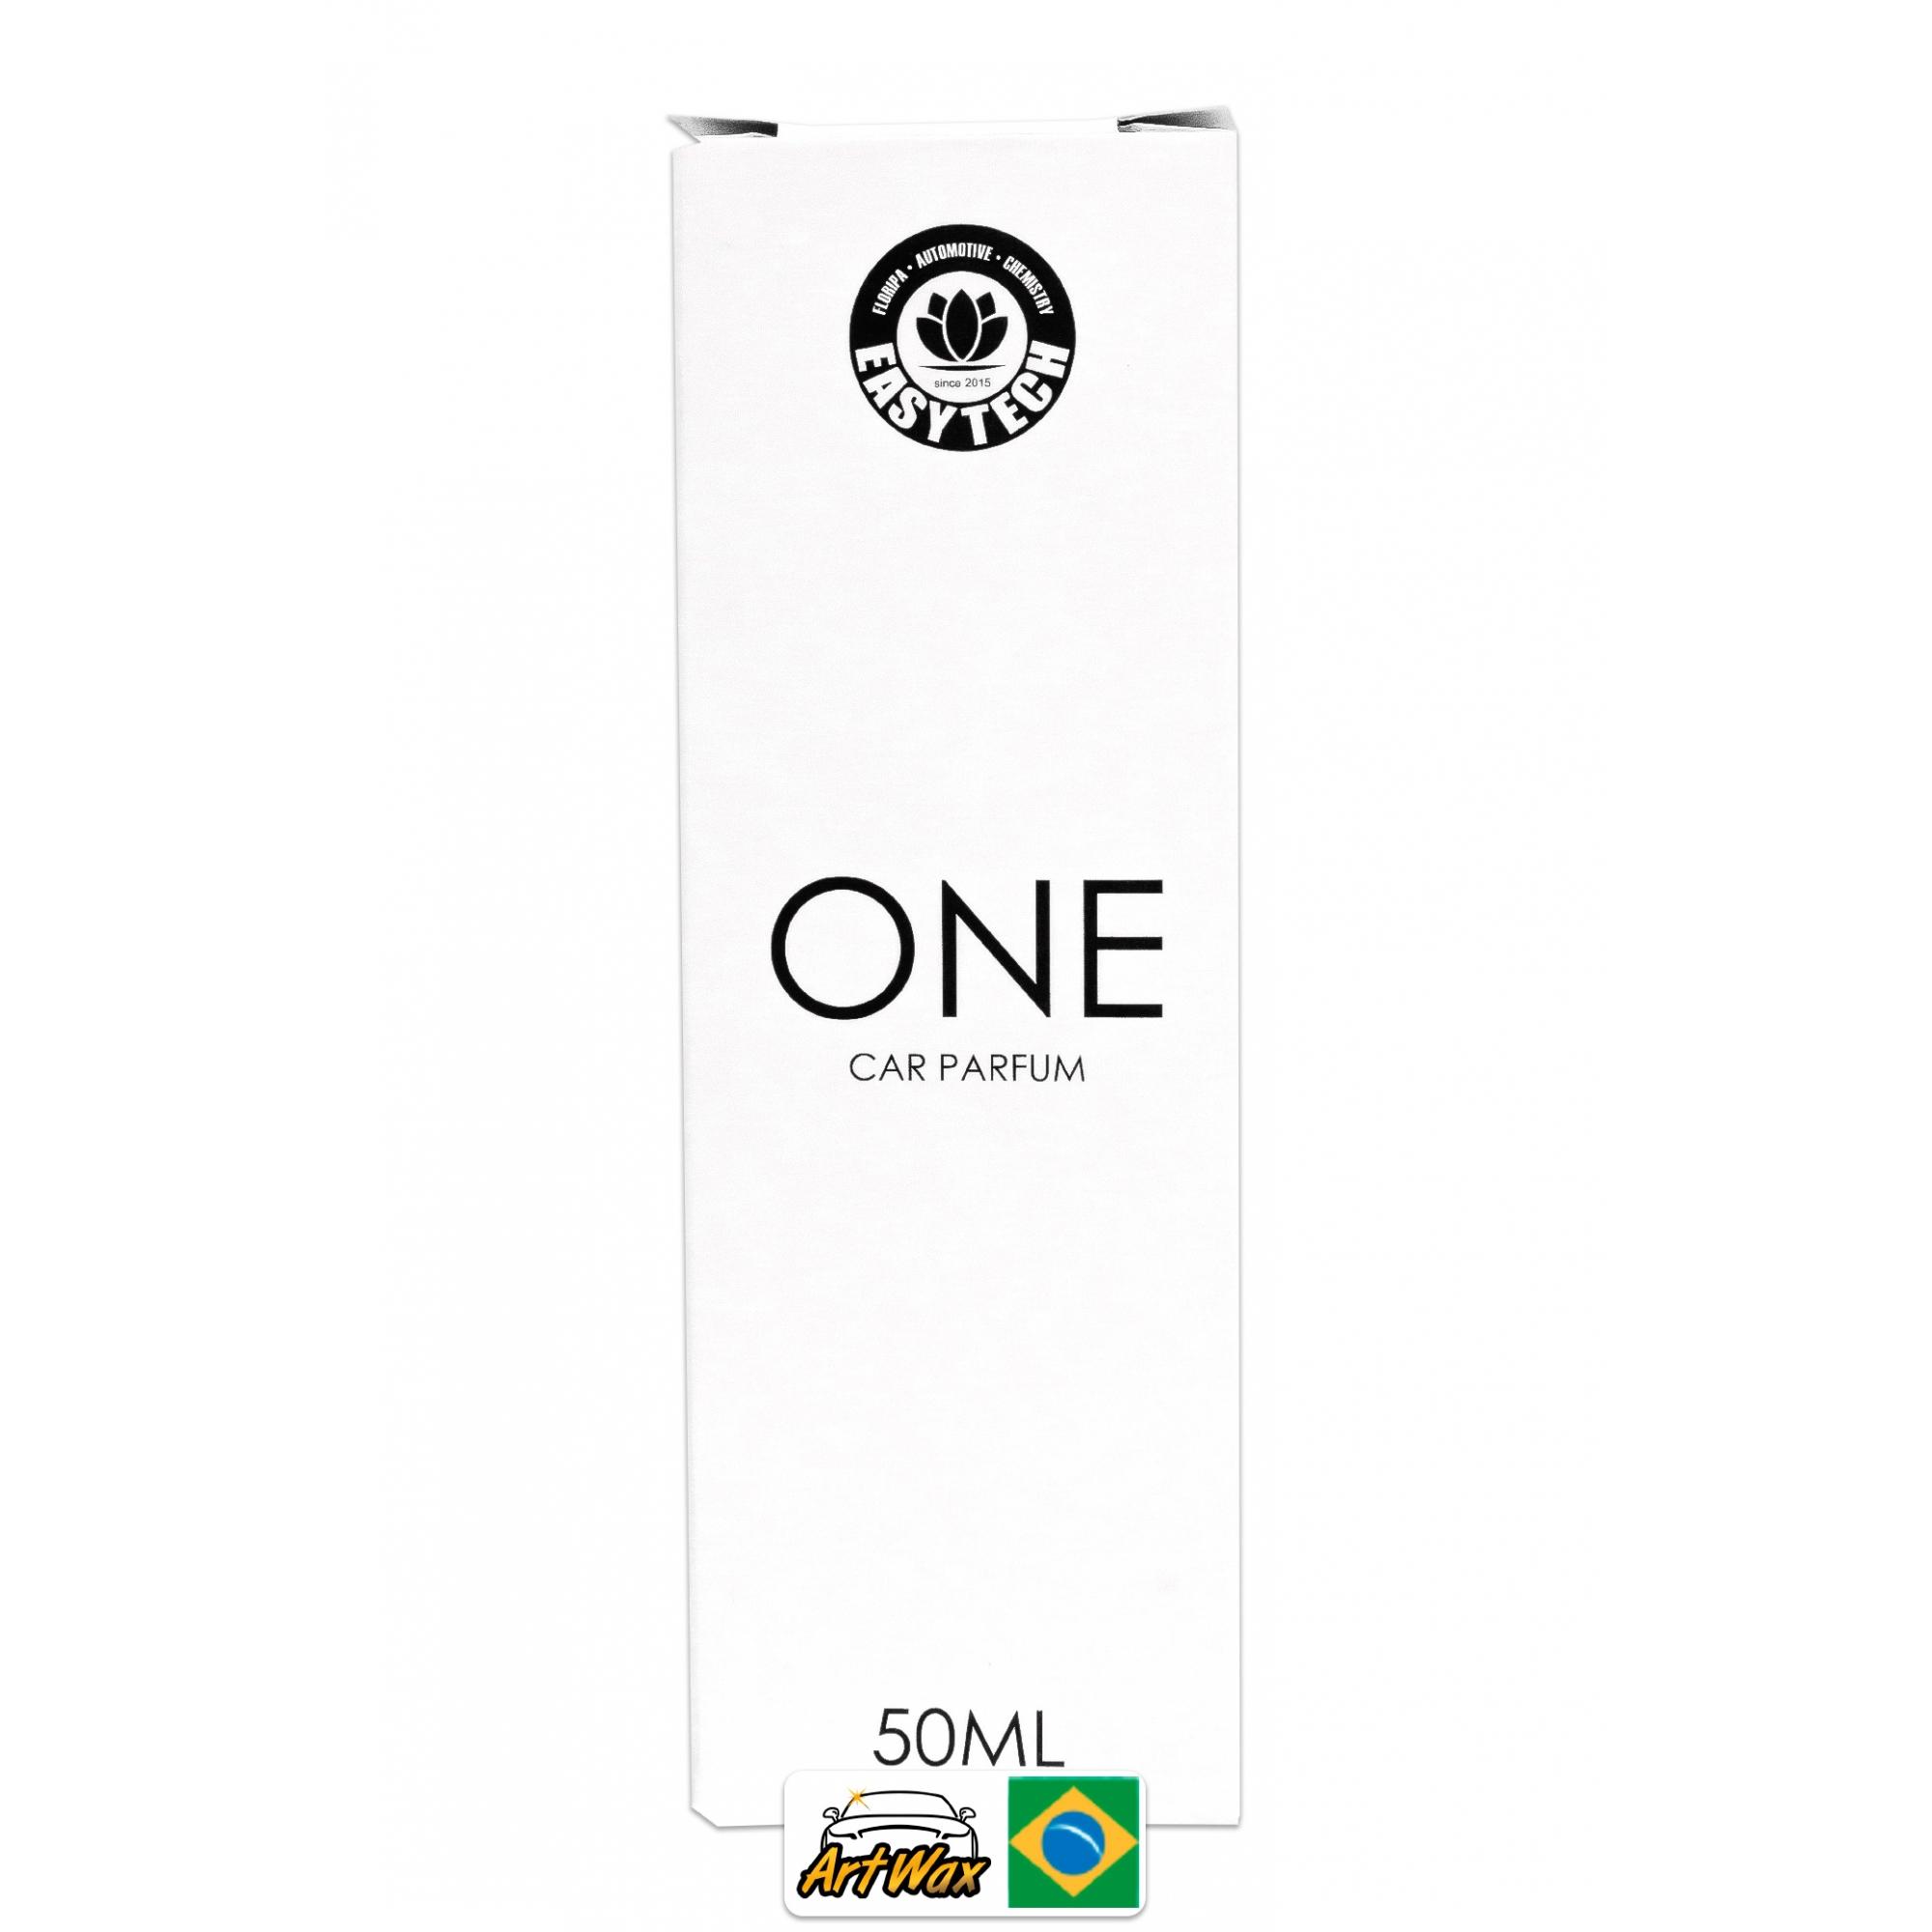 Easytech One Car Parfum - Aromatizante Spray 50ml